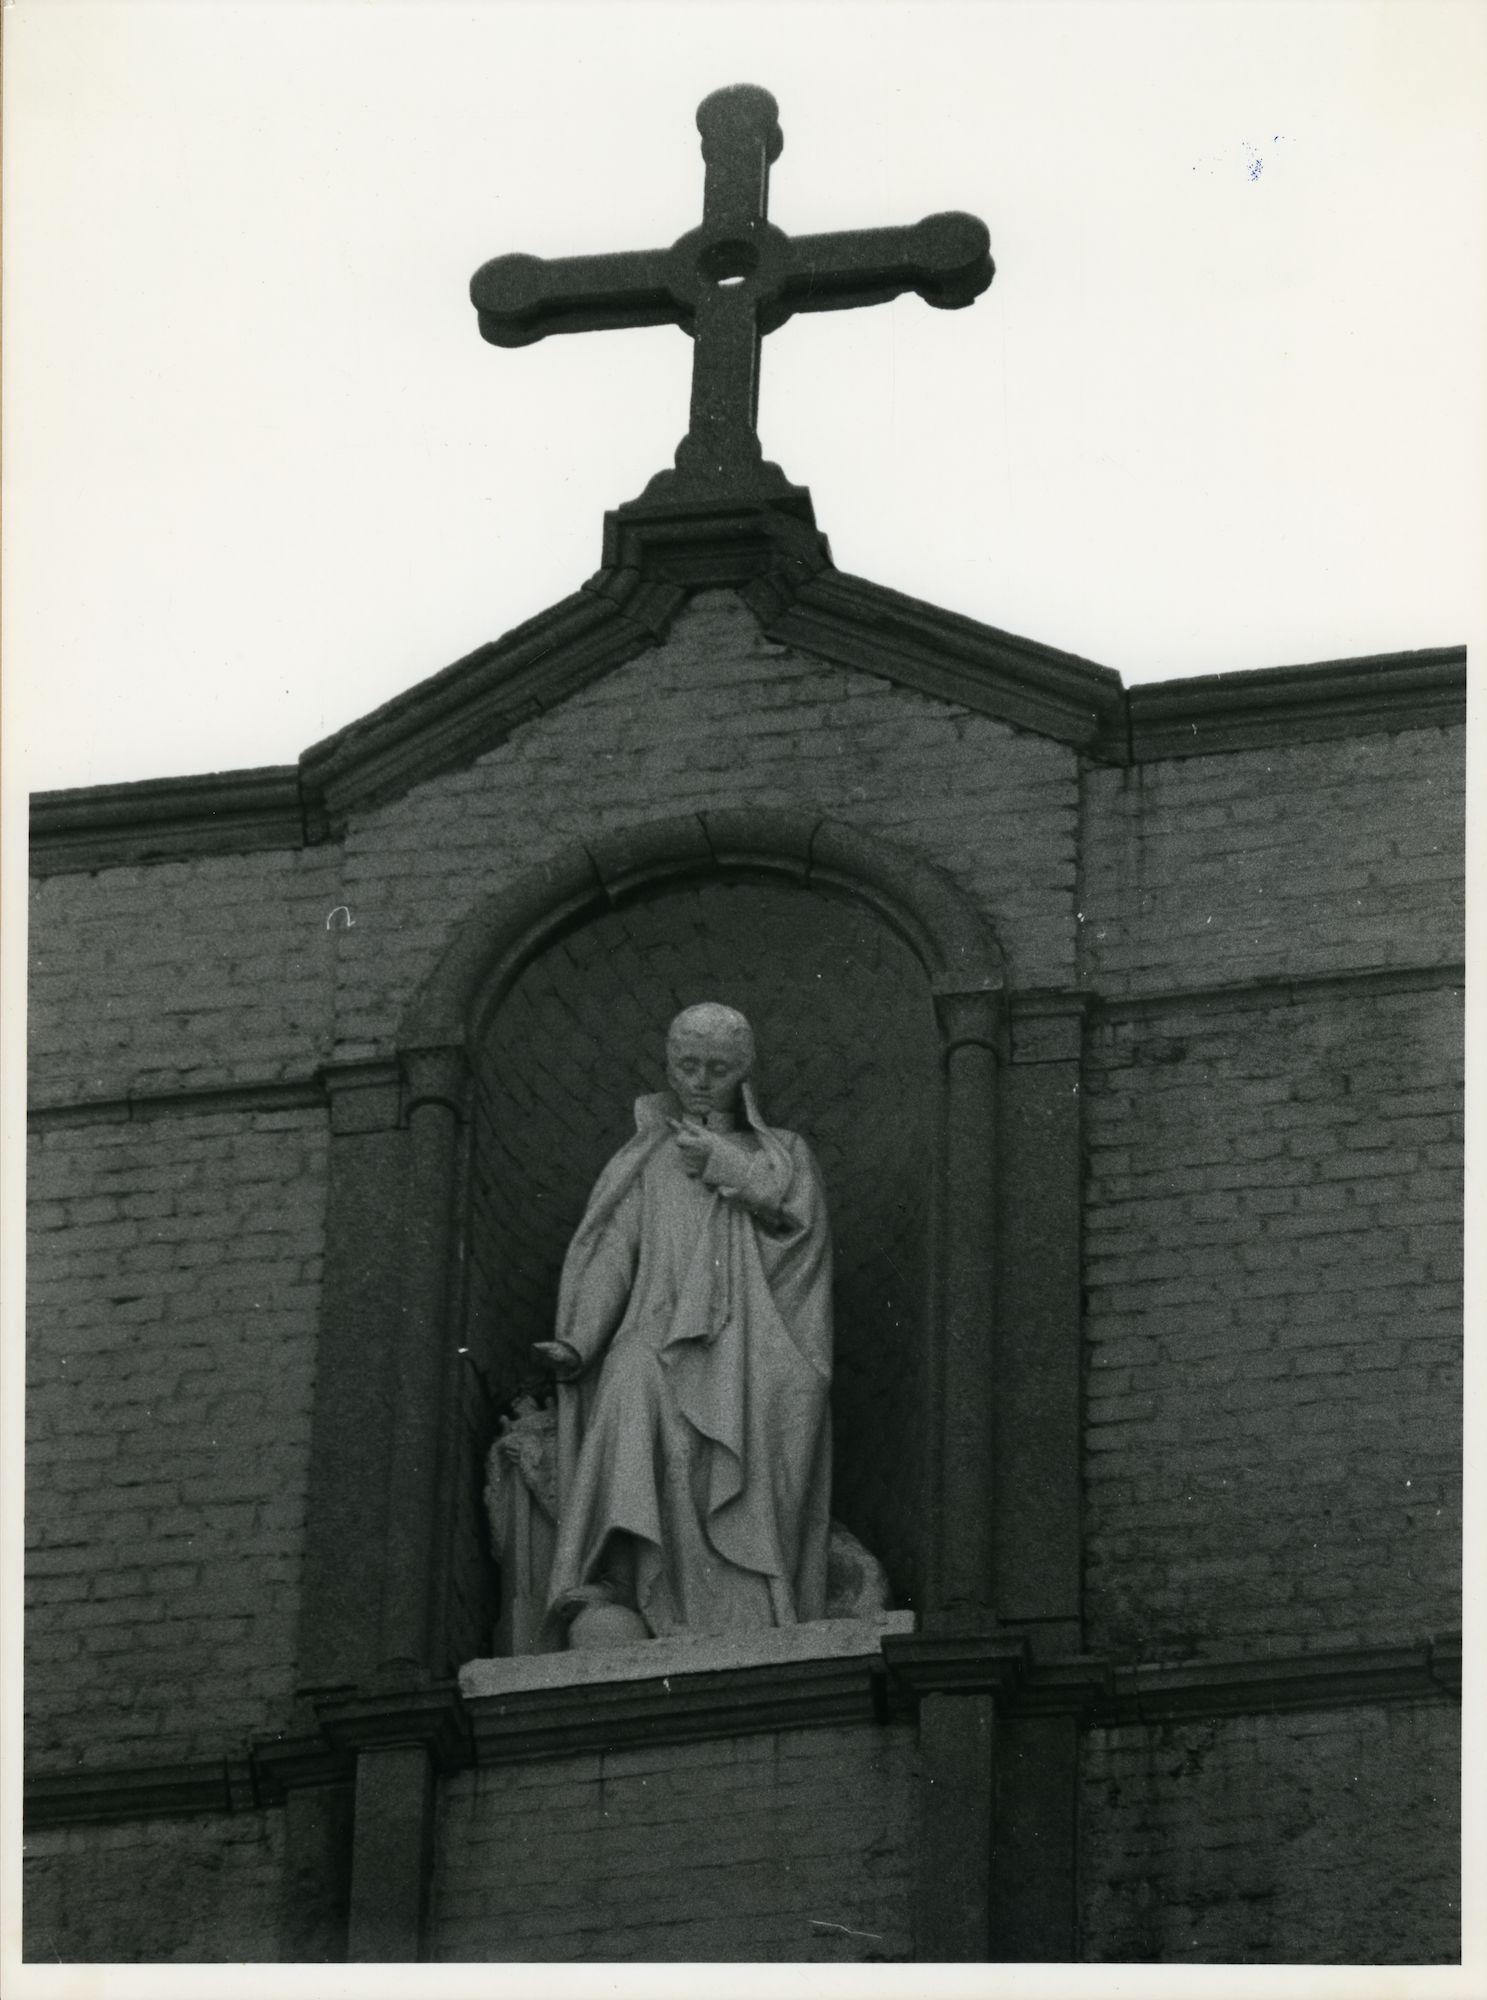 Gent: Sint Salvatorstraat 14: Gevelbeeld, 1979